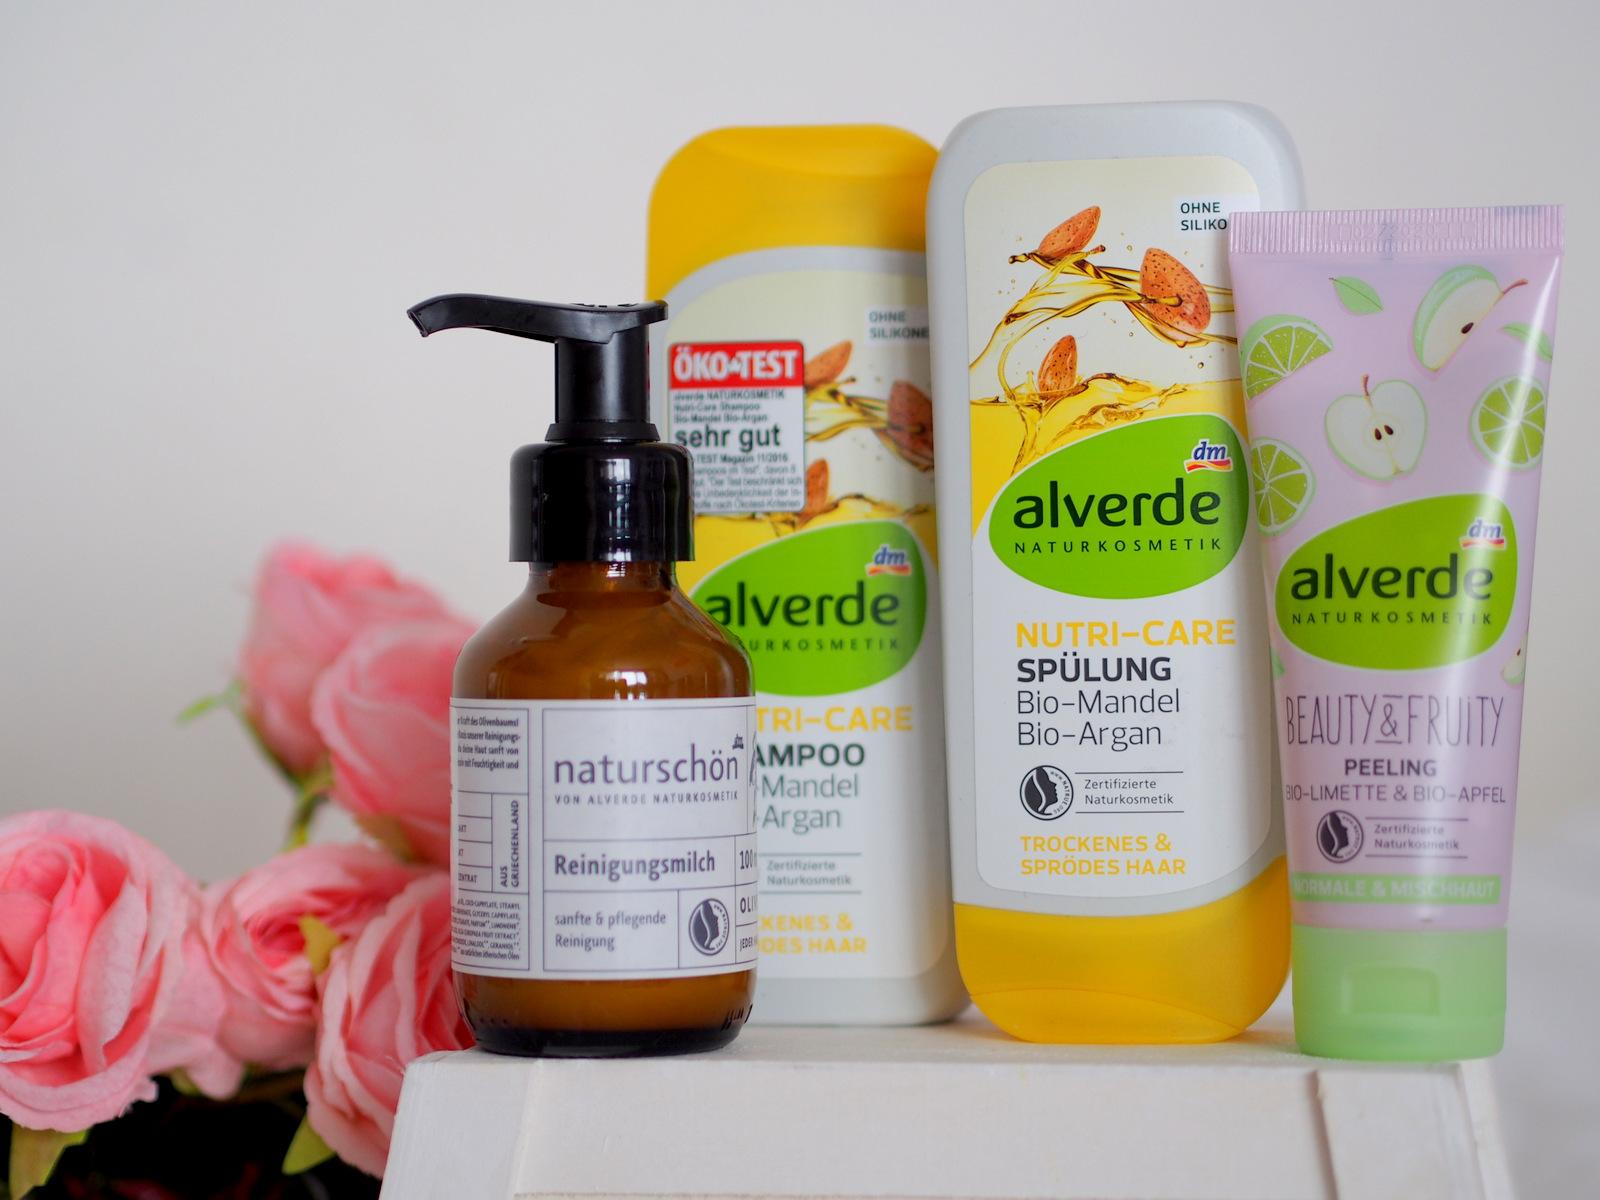 beauty tip: alverde naturkosmetik // naturschön, beauty&fruity, nutri-care